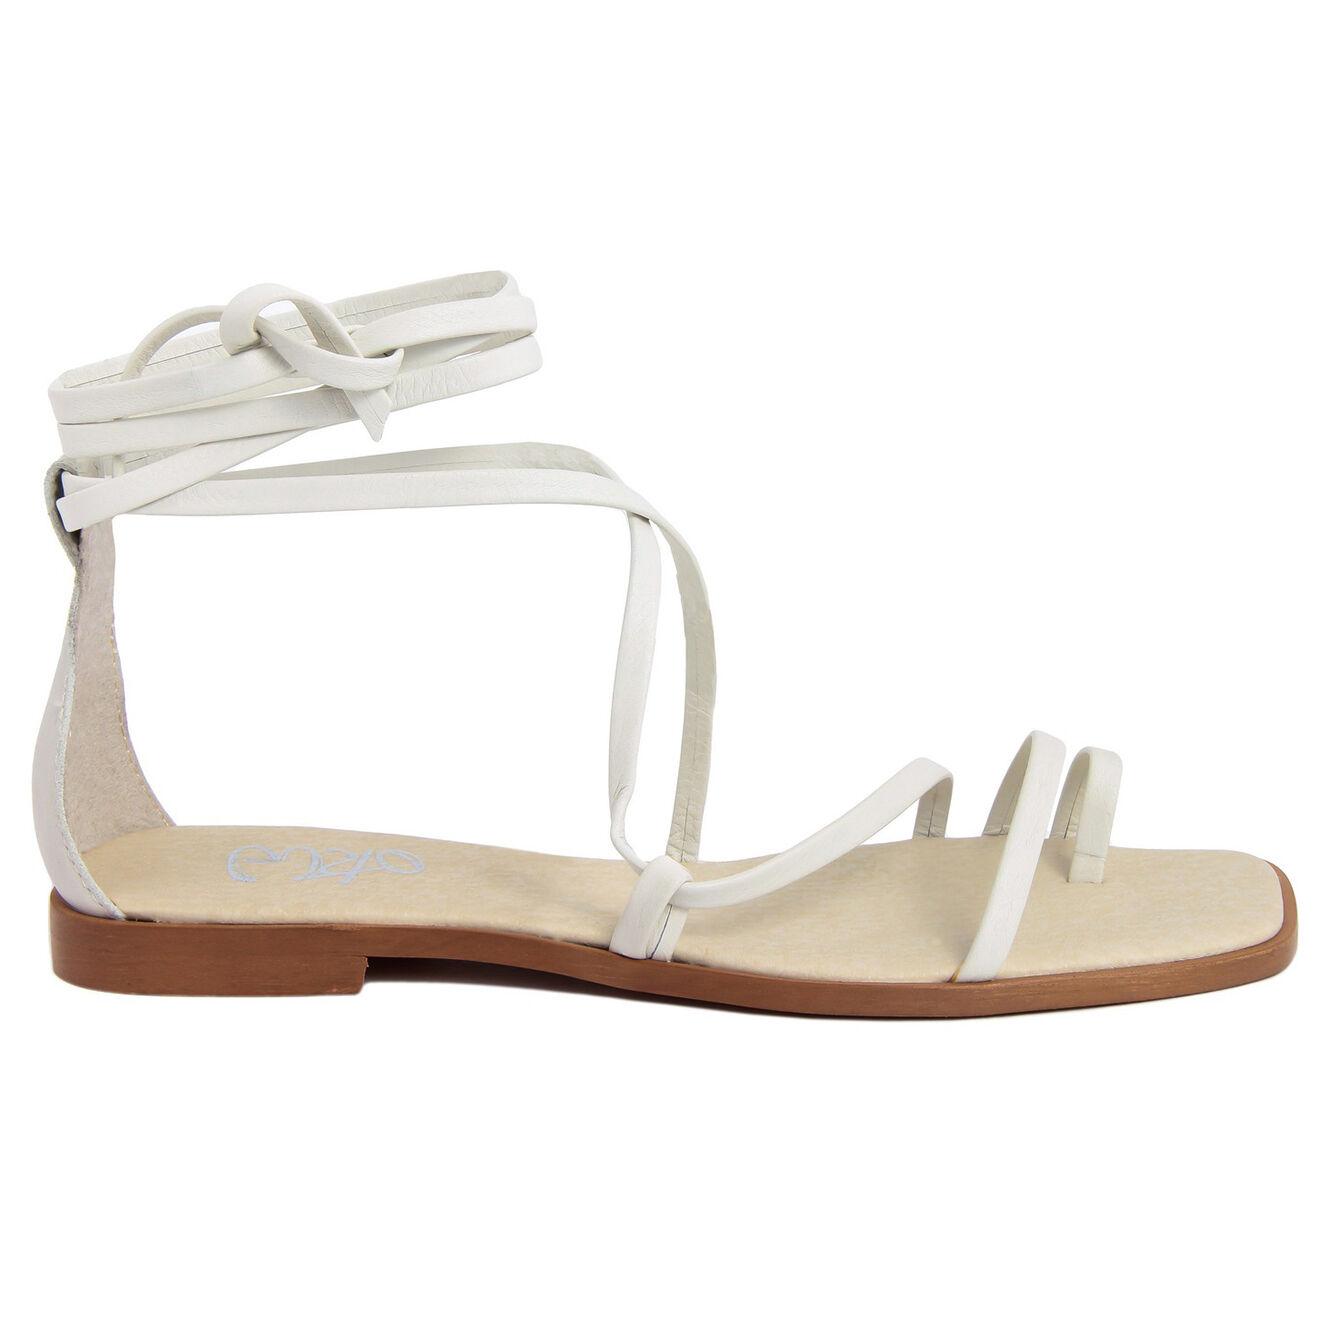 Sandales en Cuir Luisa blanches